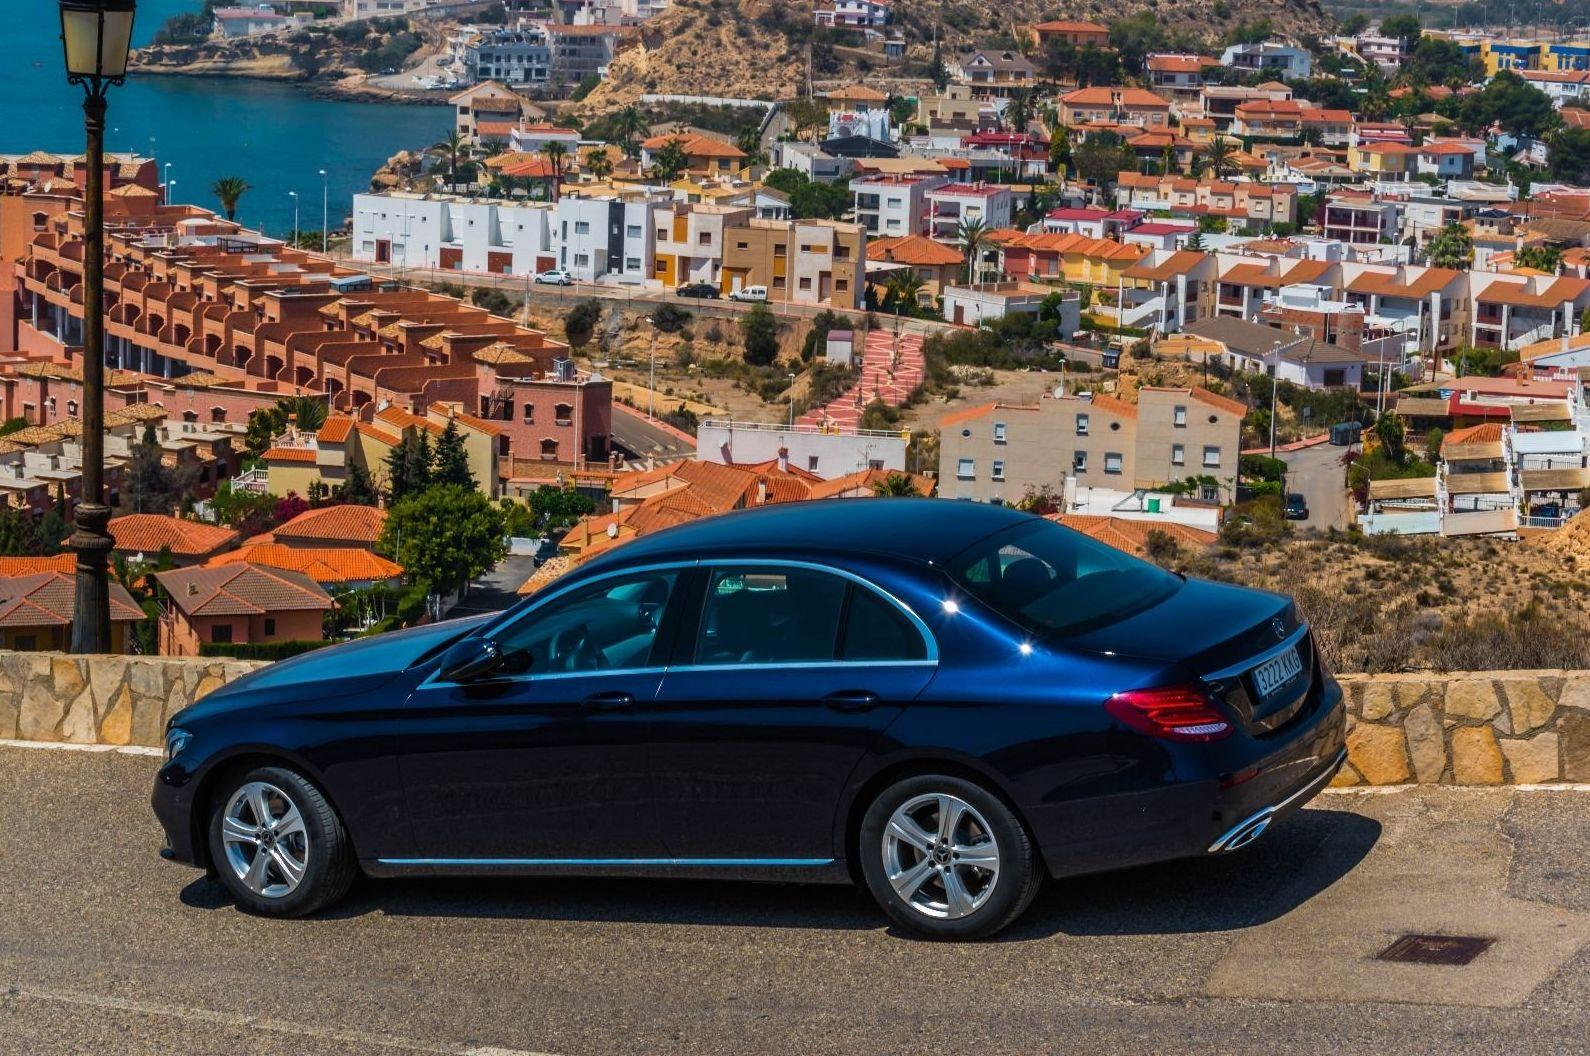 Foto 6 de Alquiler de vehículos con conductor en    Candecar